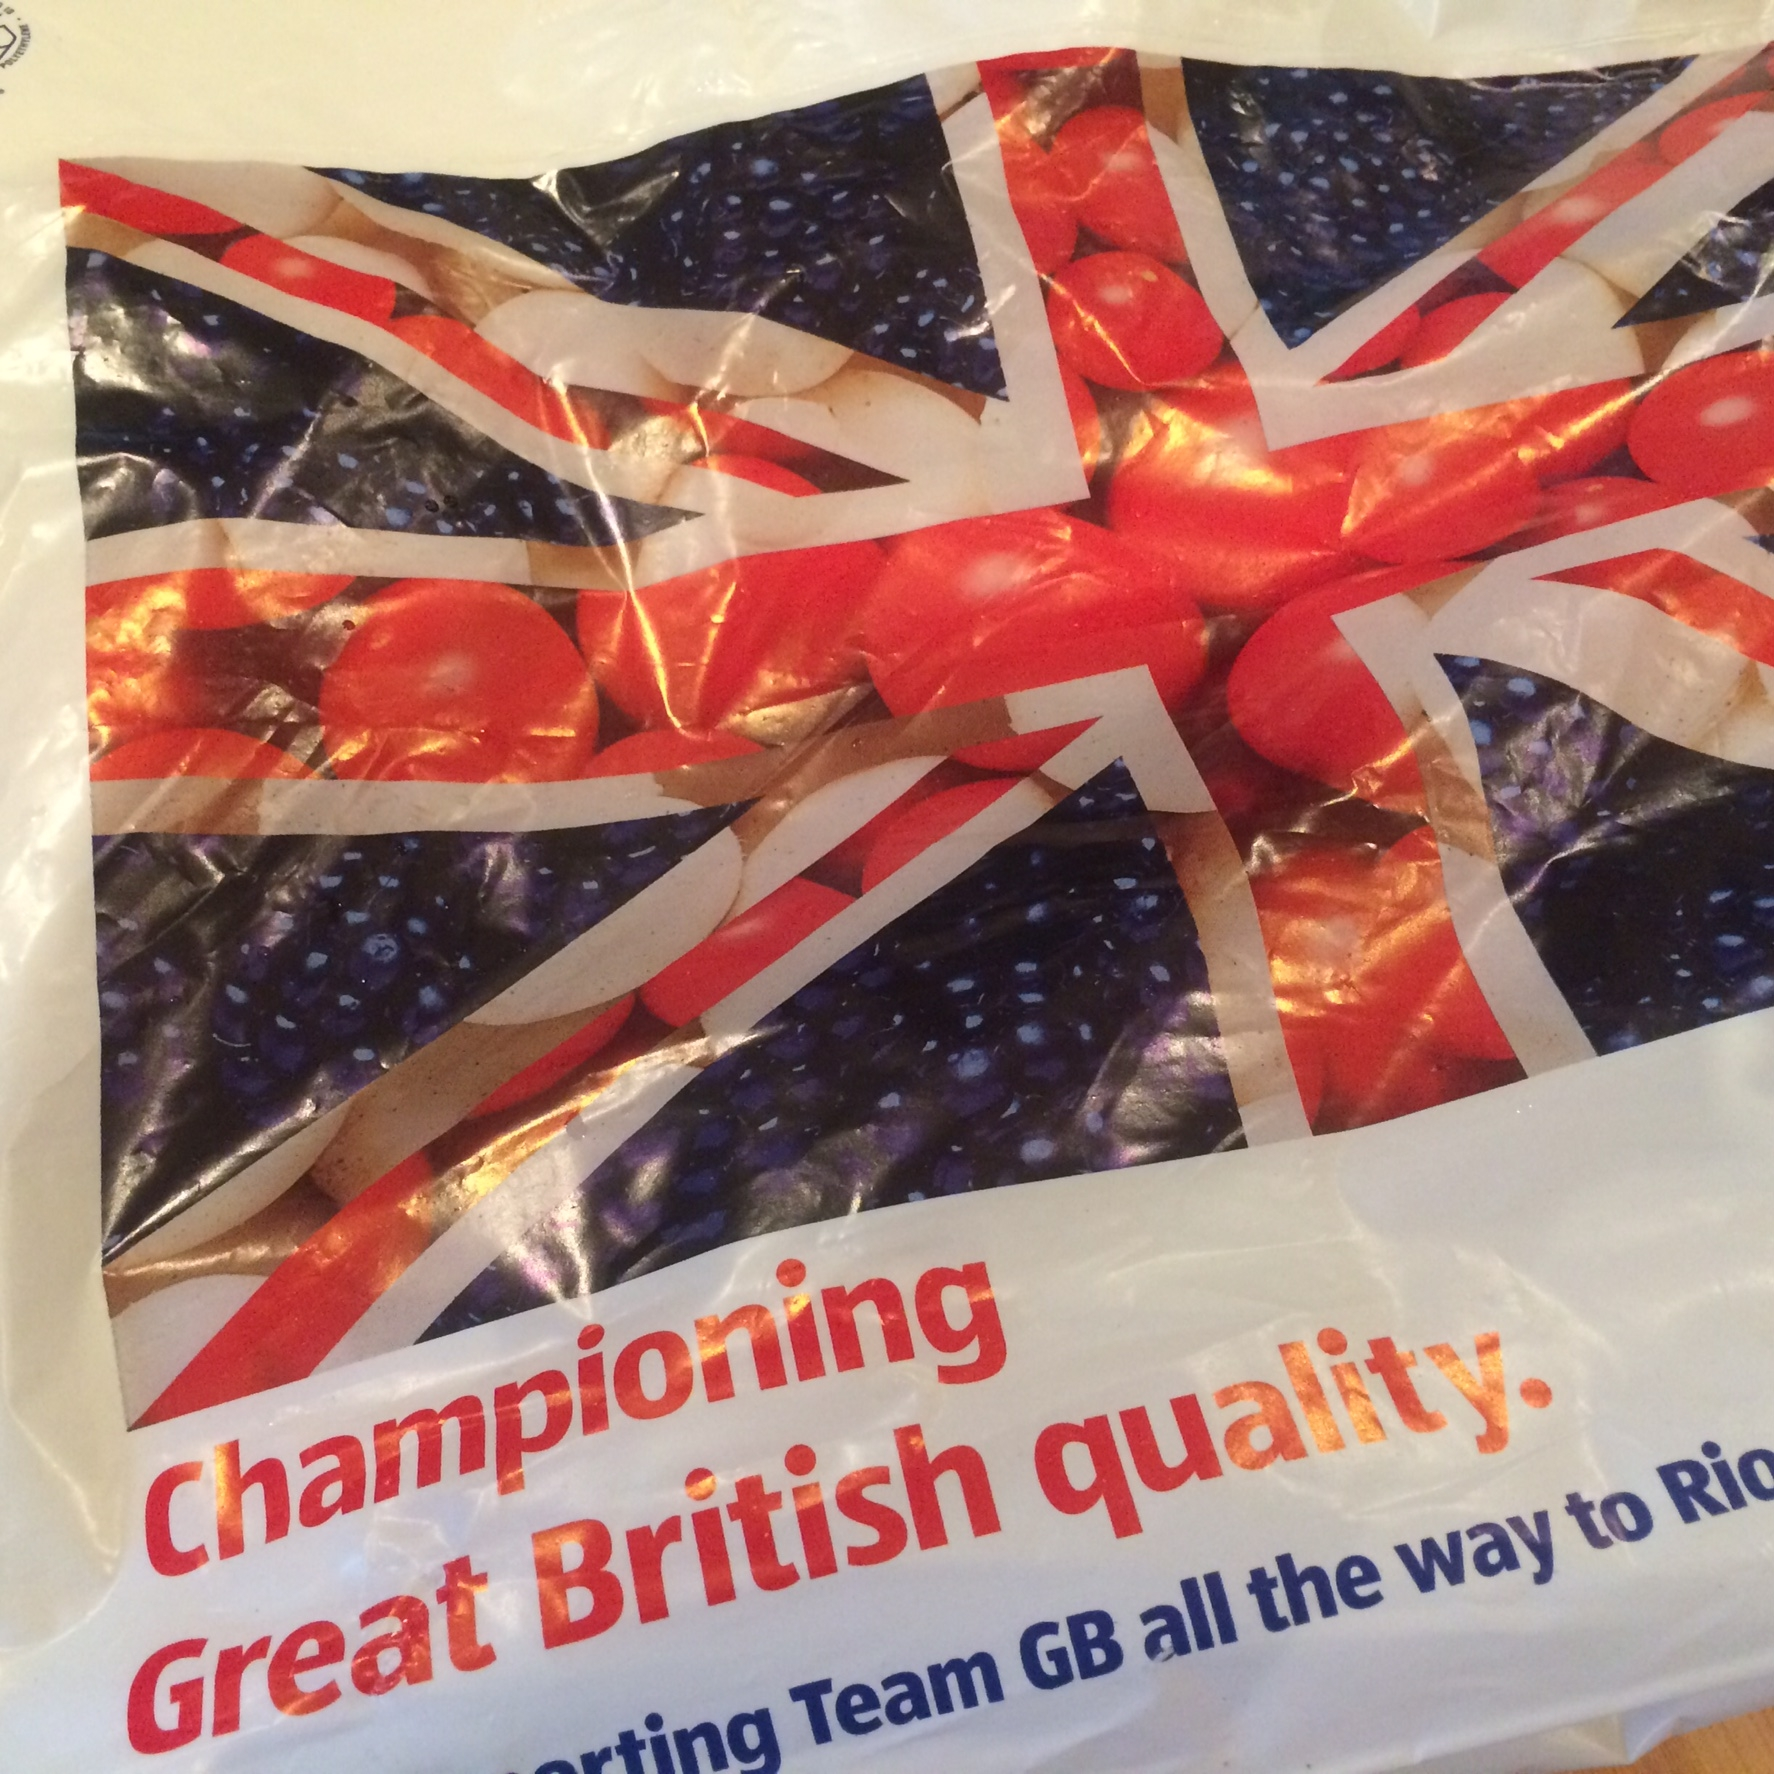 A New British Supermarket?